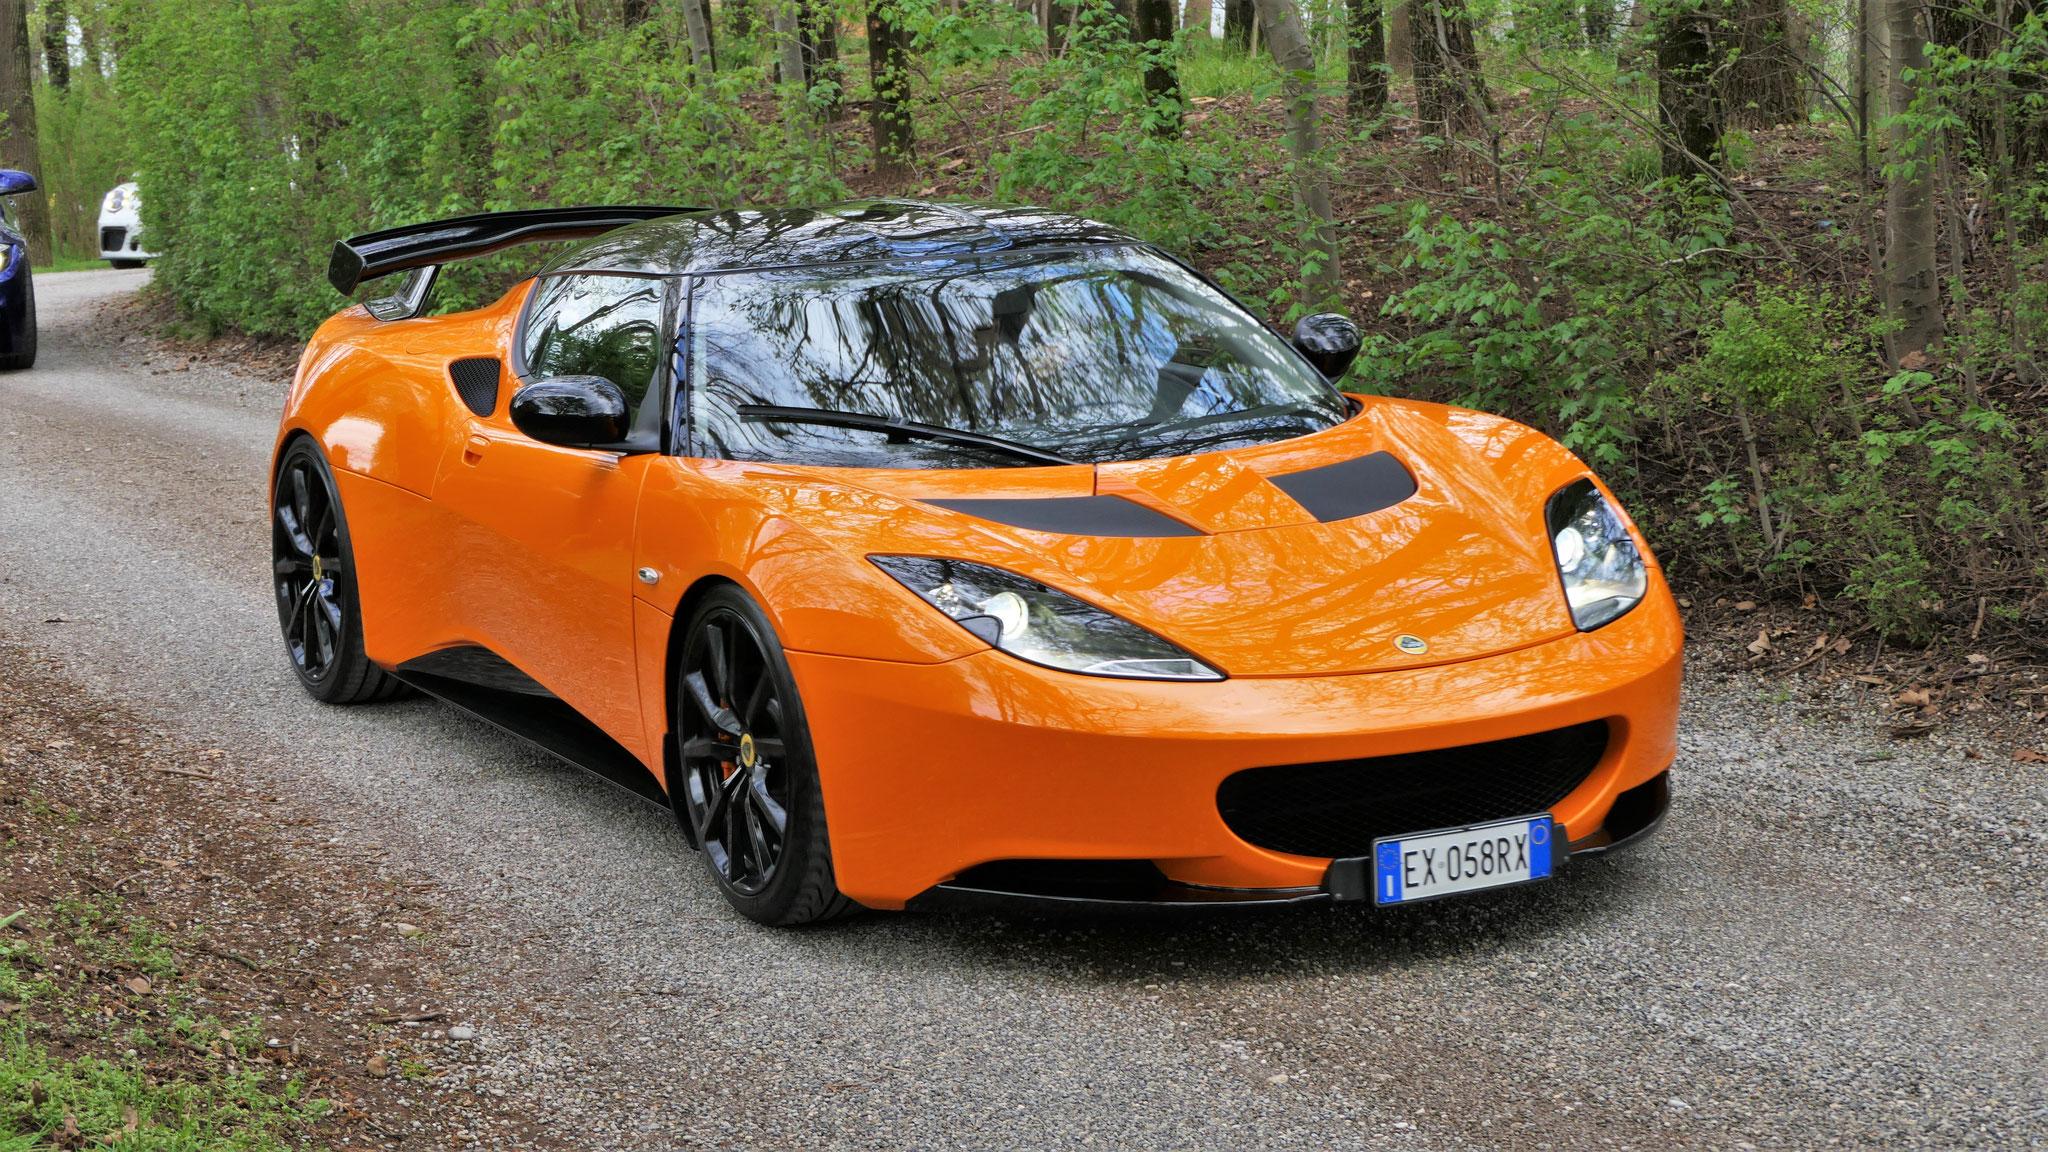 Lotus Evora - EX-058-RX (ITA)